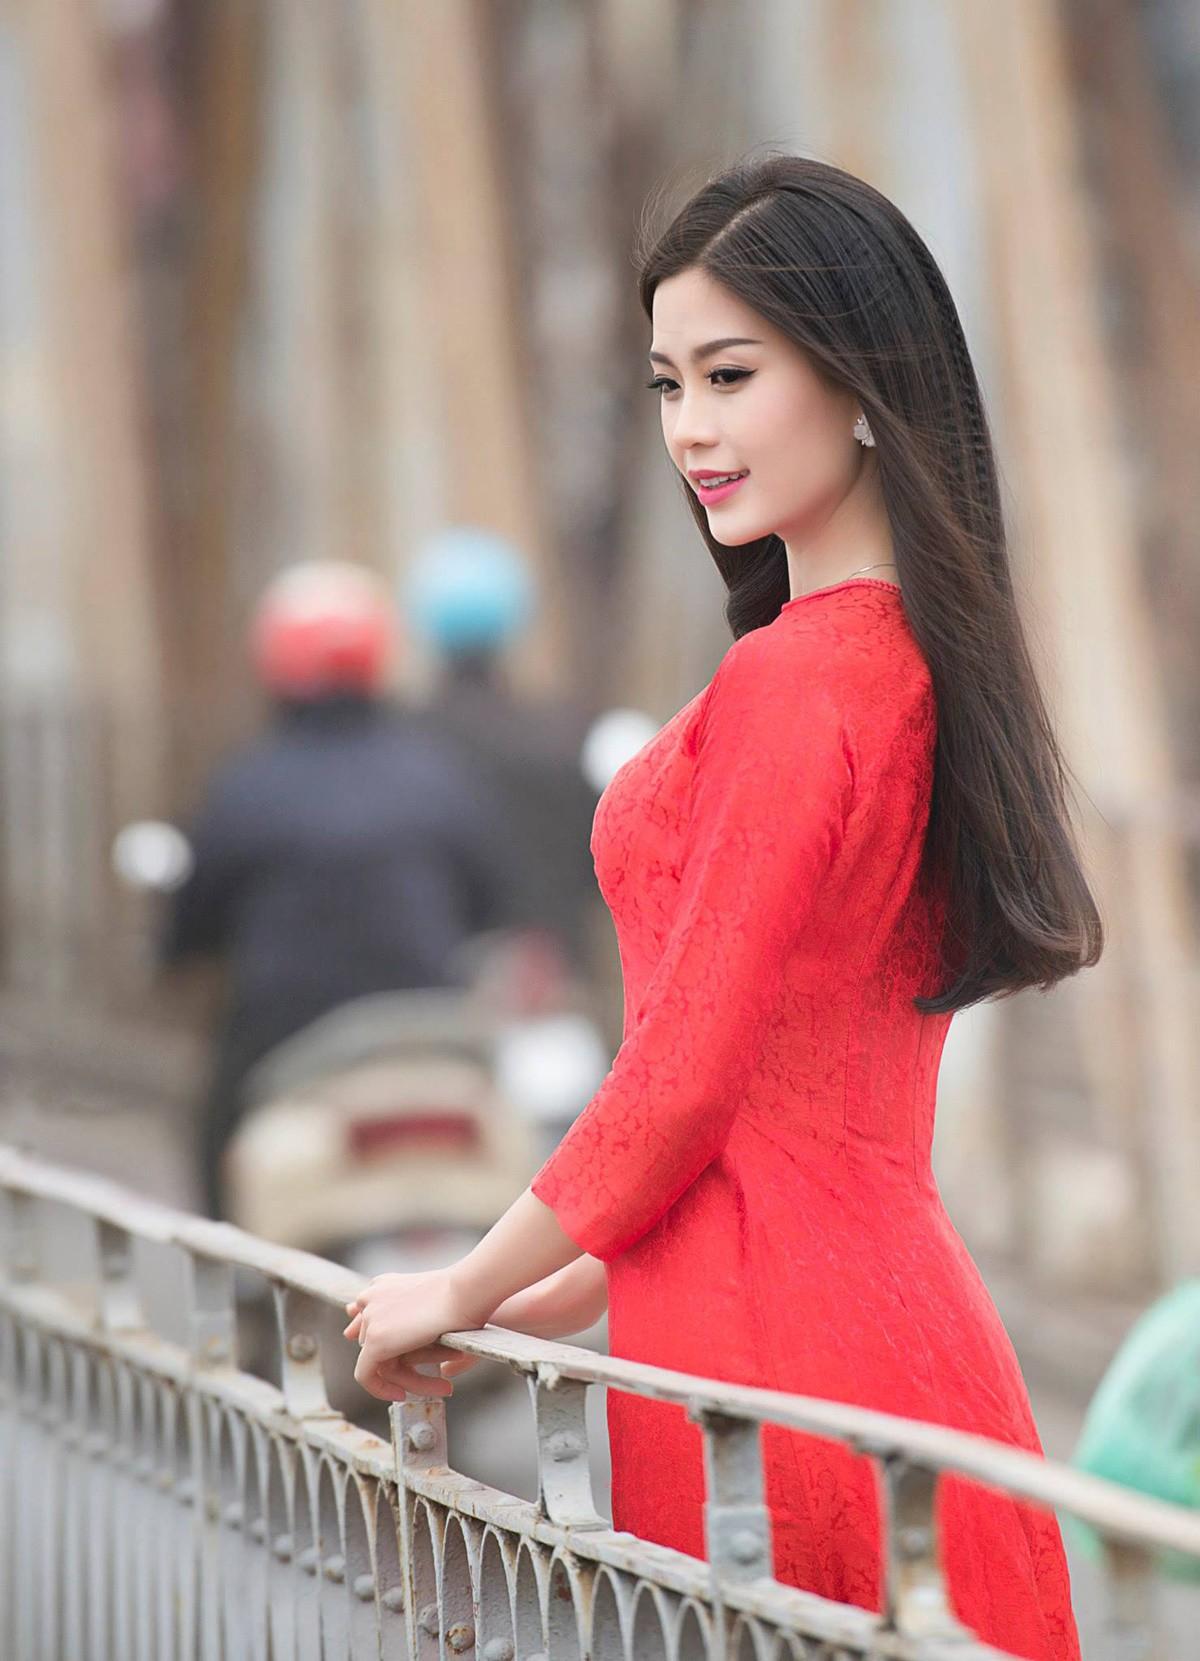 Dàn Hoa hậu, Á hậu gửi lời chúc và đặt cược vào chiến thắng của Hương Giang tại Hoa hậu Chuyển giới Quốc tế - Ảnh 8.